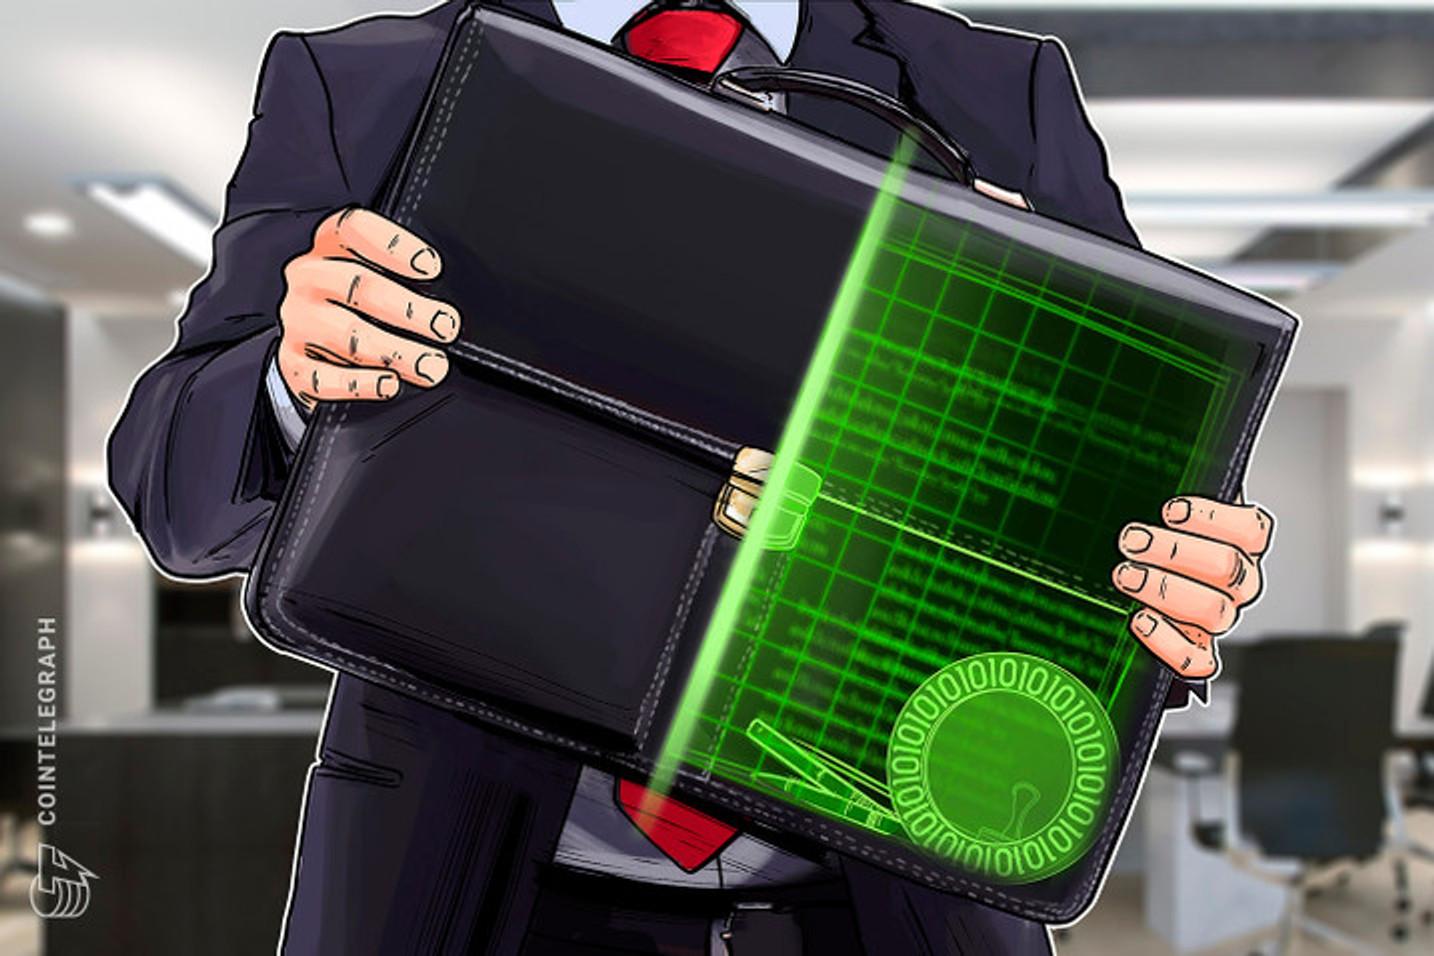 Koibanx recibe inversión del fondo mexicano G2 Momentum Capital